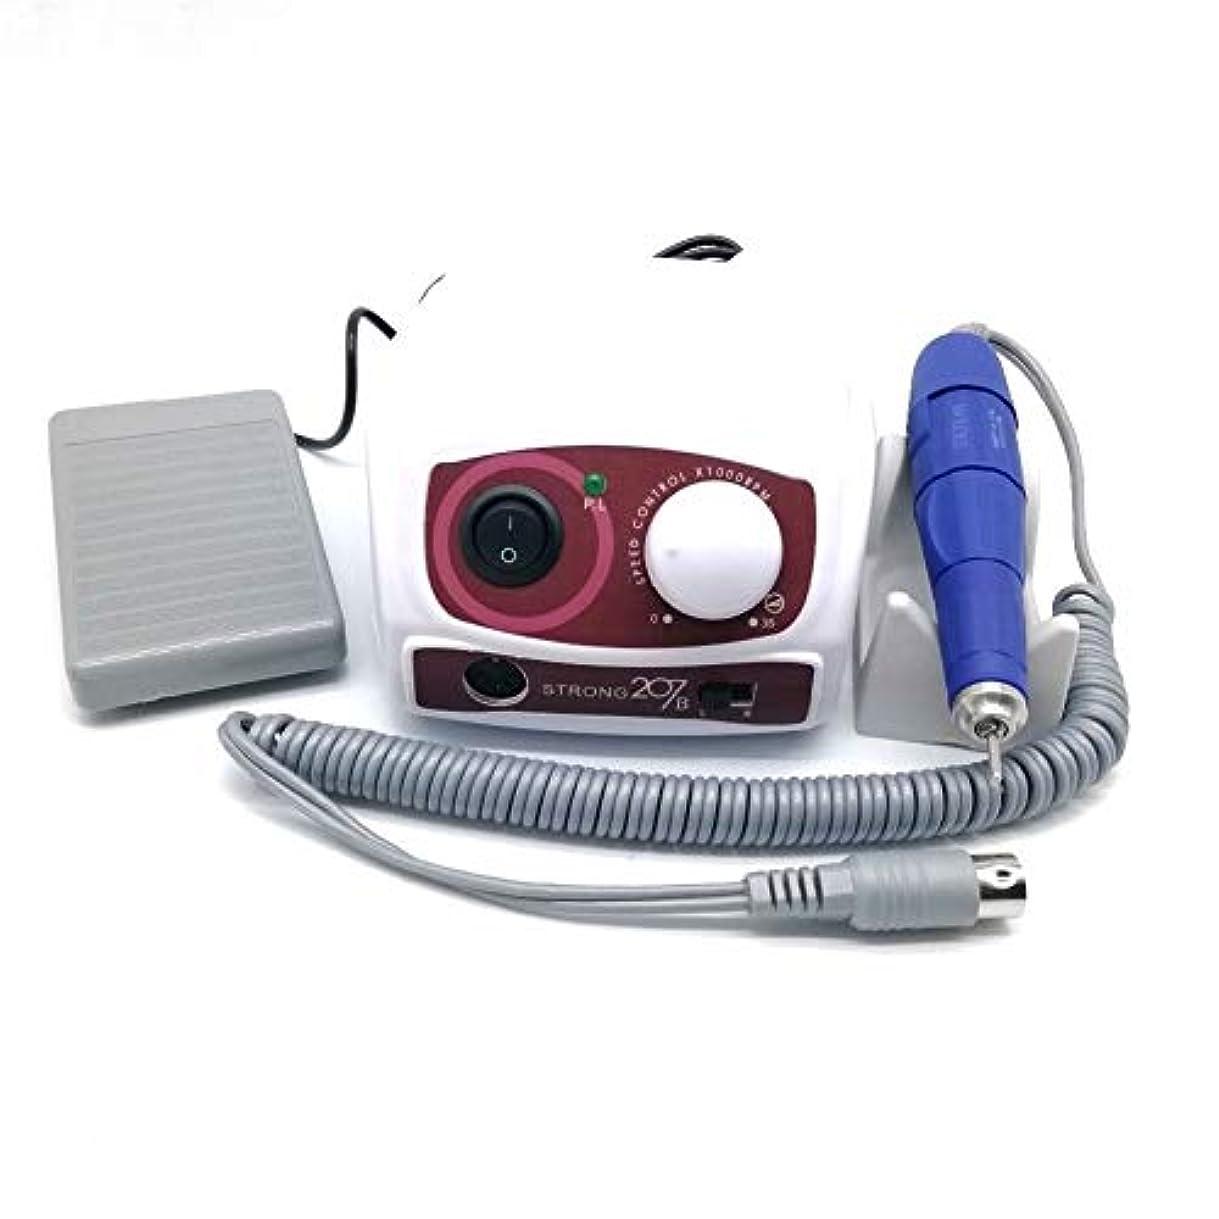 ファブリック拾う発動機ネイルポリッシュアートマニキュアツール用電動マニキュアドリルセット35000 RPMマイクロモーター